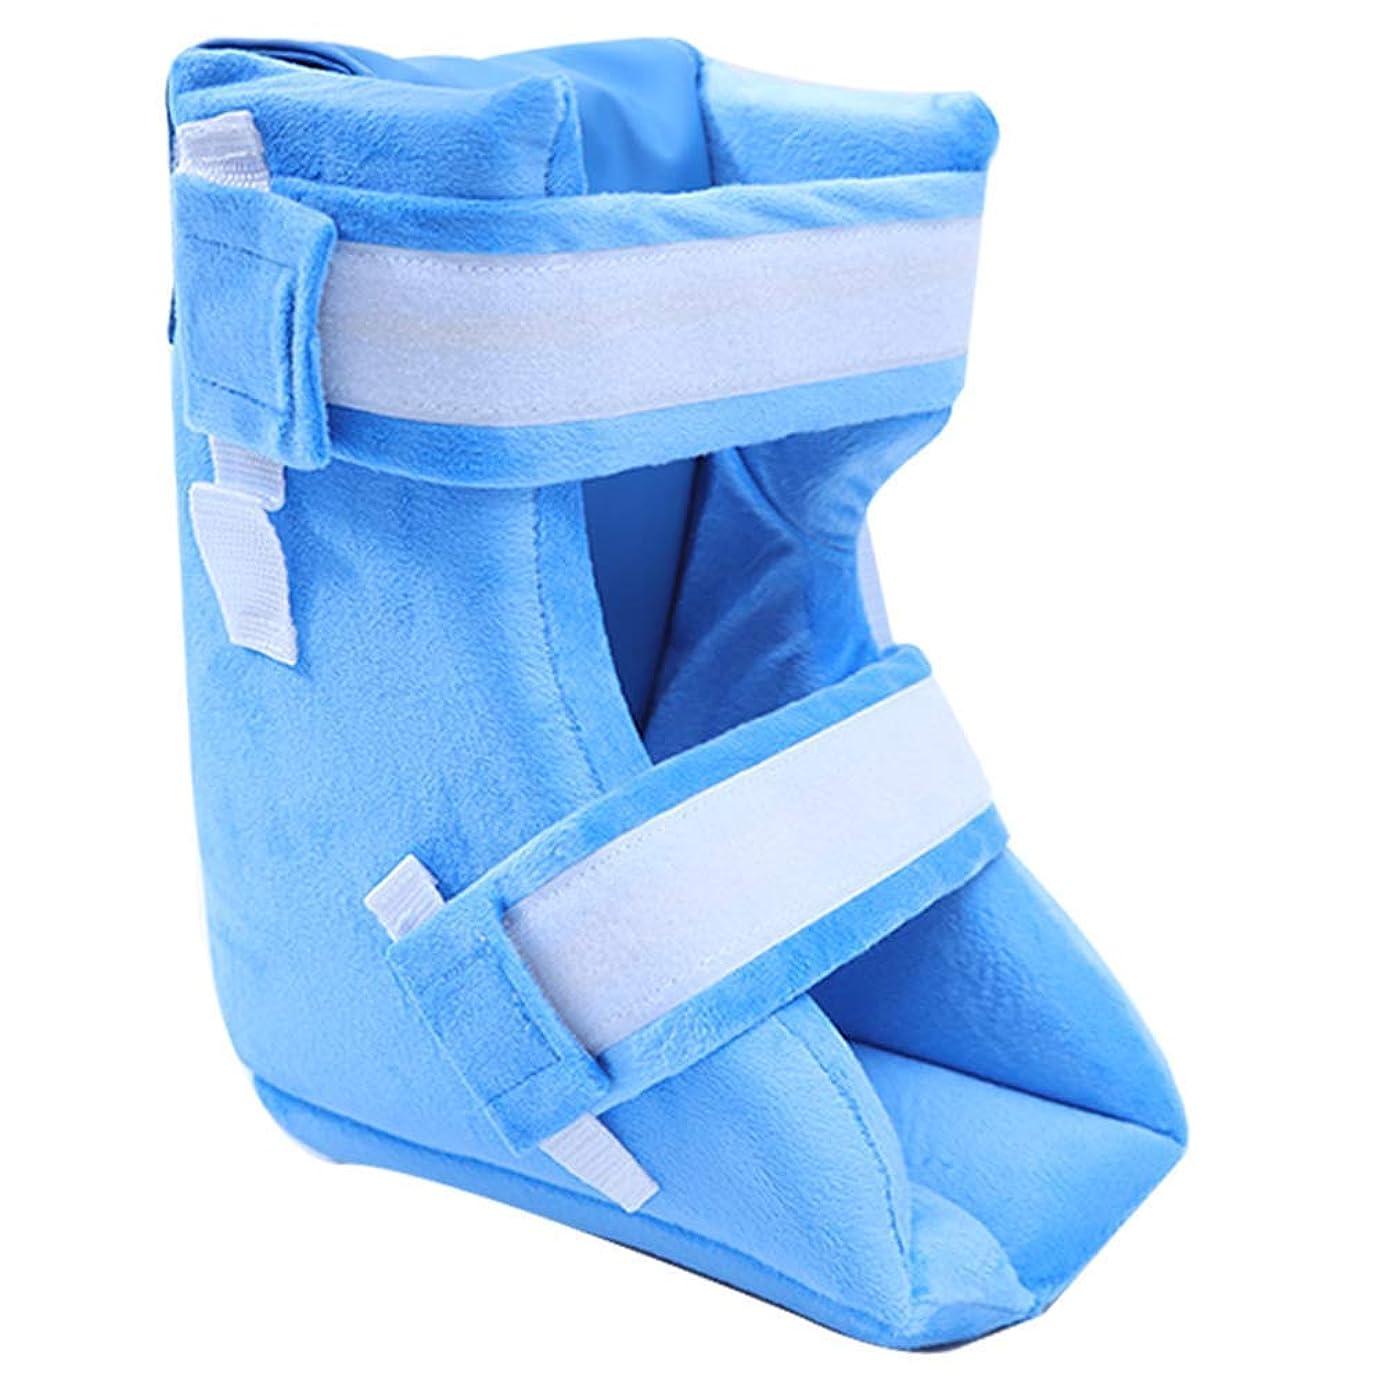 に賛成馬力ストライド反褥瘡のかかとの保護材のクッション、足首サポート枕フットプロテクション、ライトブルー、13.77×9.84インチ,1Pcs